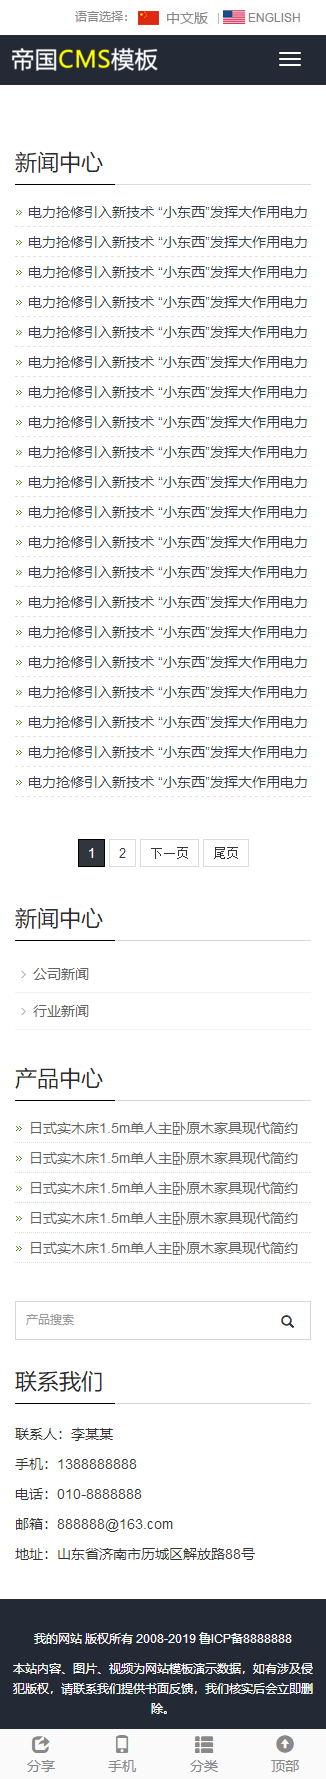 帝国CMS中英文双语响应式自适应通用公司企业网站模板_手机版文章列表页